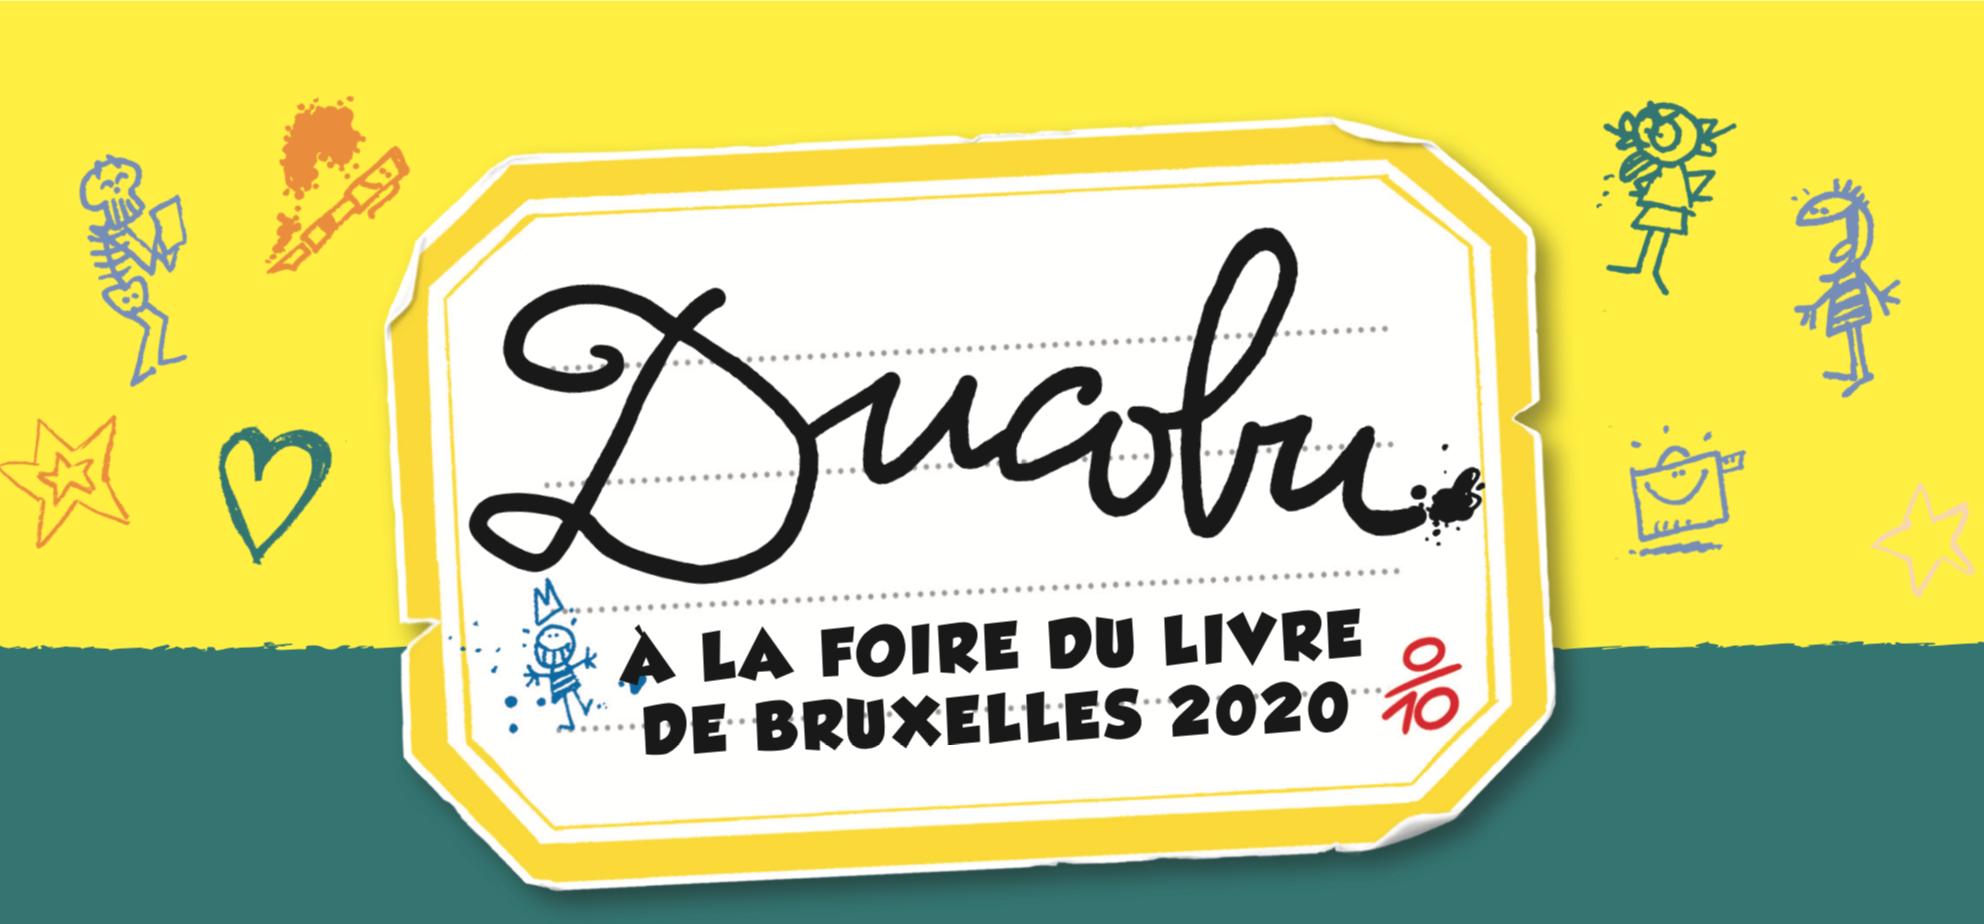 Le Lombard vous donne rendez-vous à la Foire du Livre de Bruxelles édition 2020